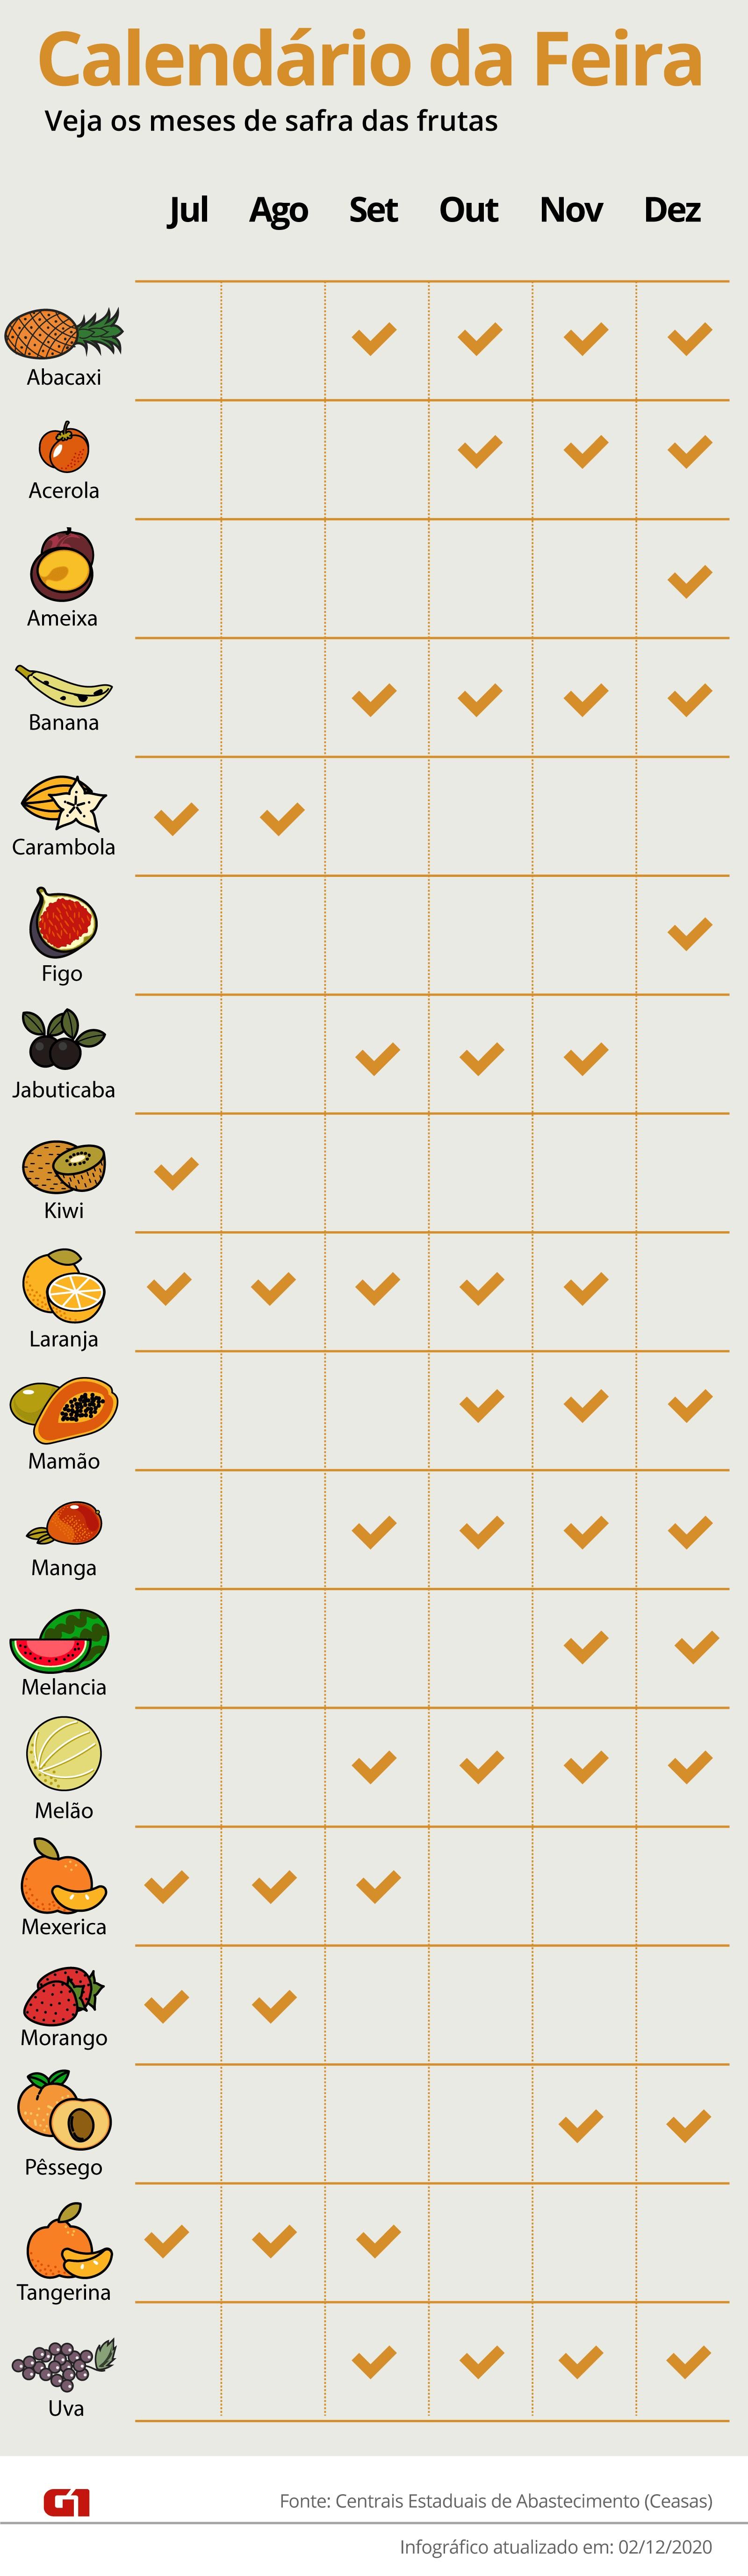 Calendário da feira: dezembro tem ameixa, figo, melancia e berinjela